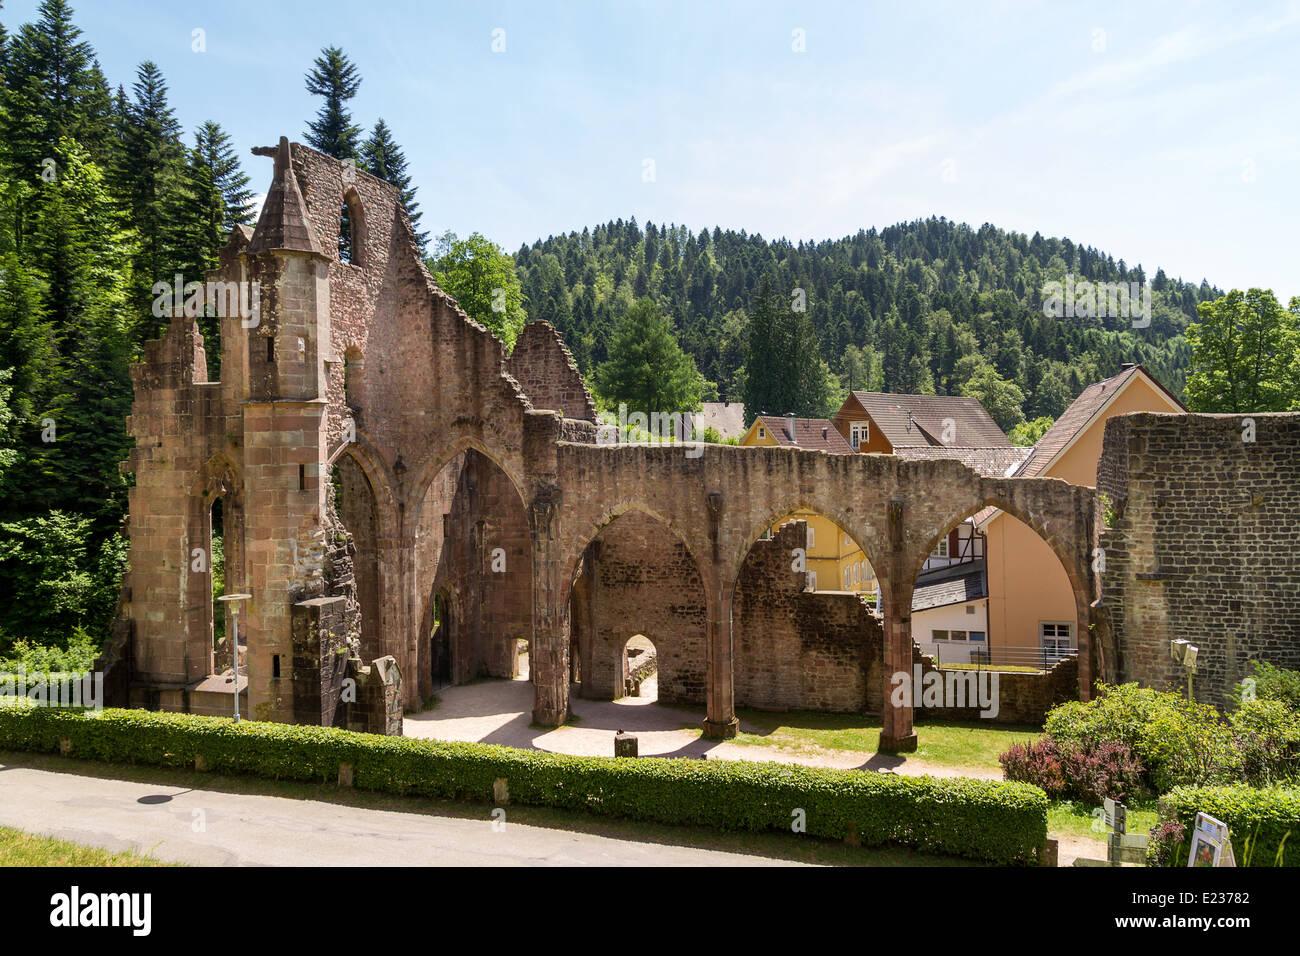 kloster ruinen von all saints schwarzwald baden w rttemberg deutschland europa stockfoto. Black Bedroom Furniture Sets. Home Design Ideas